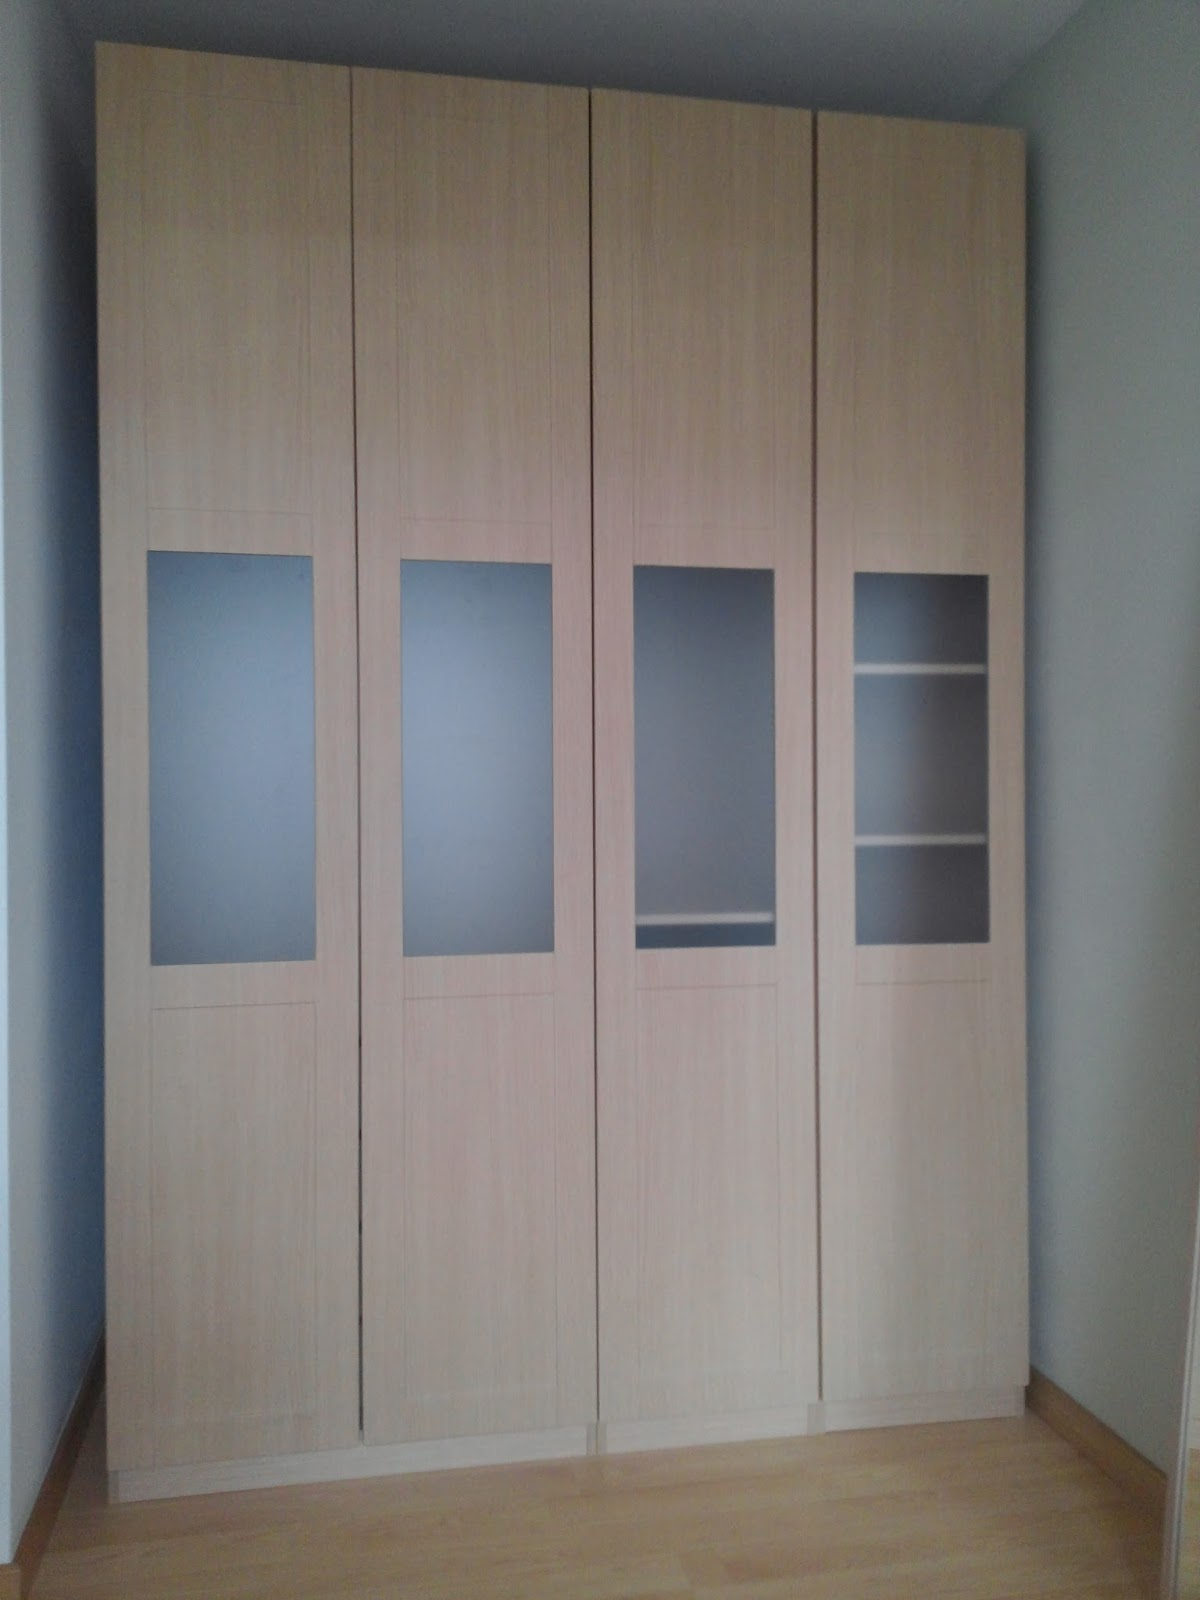 Design by xkun mi armario empotrado de leroy merlin - Armario resina leroy merlin ...